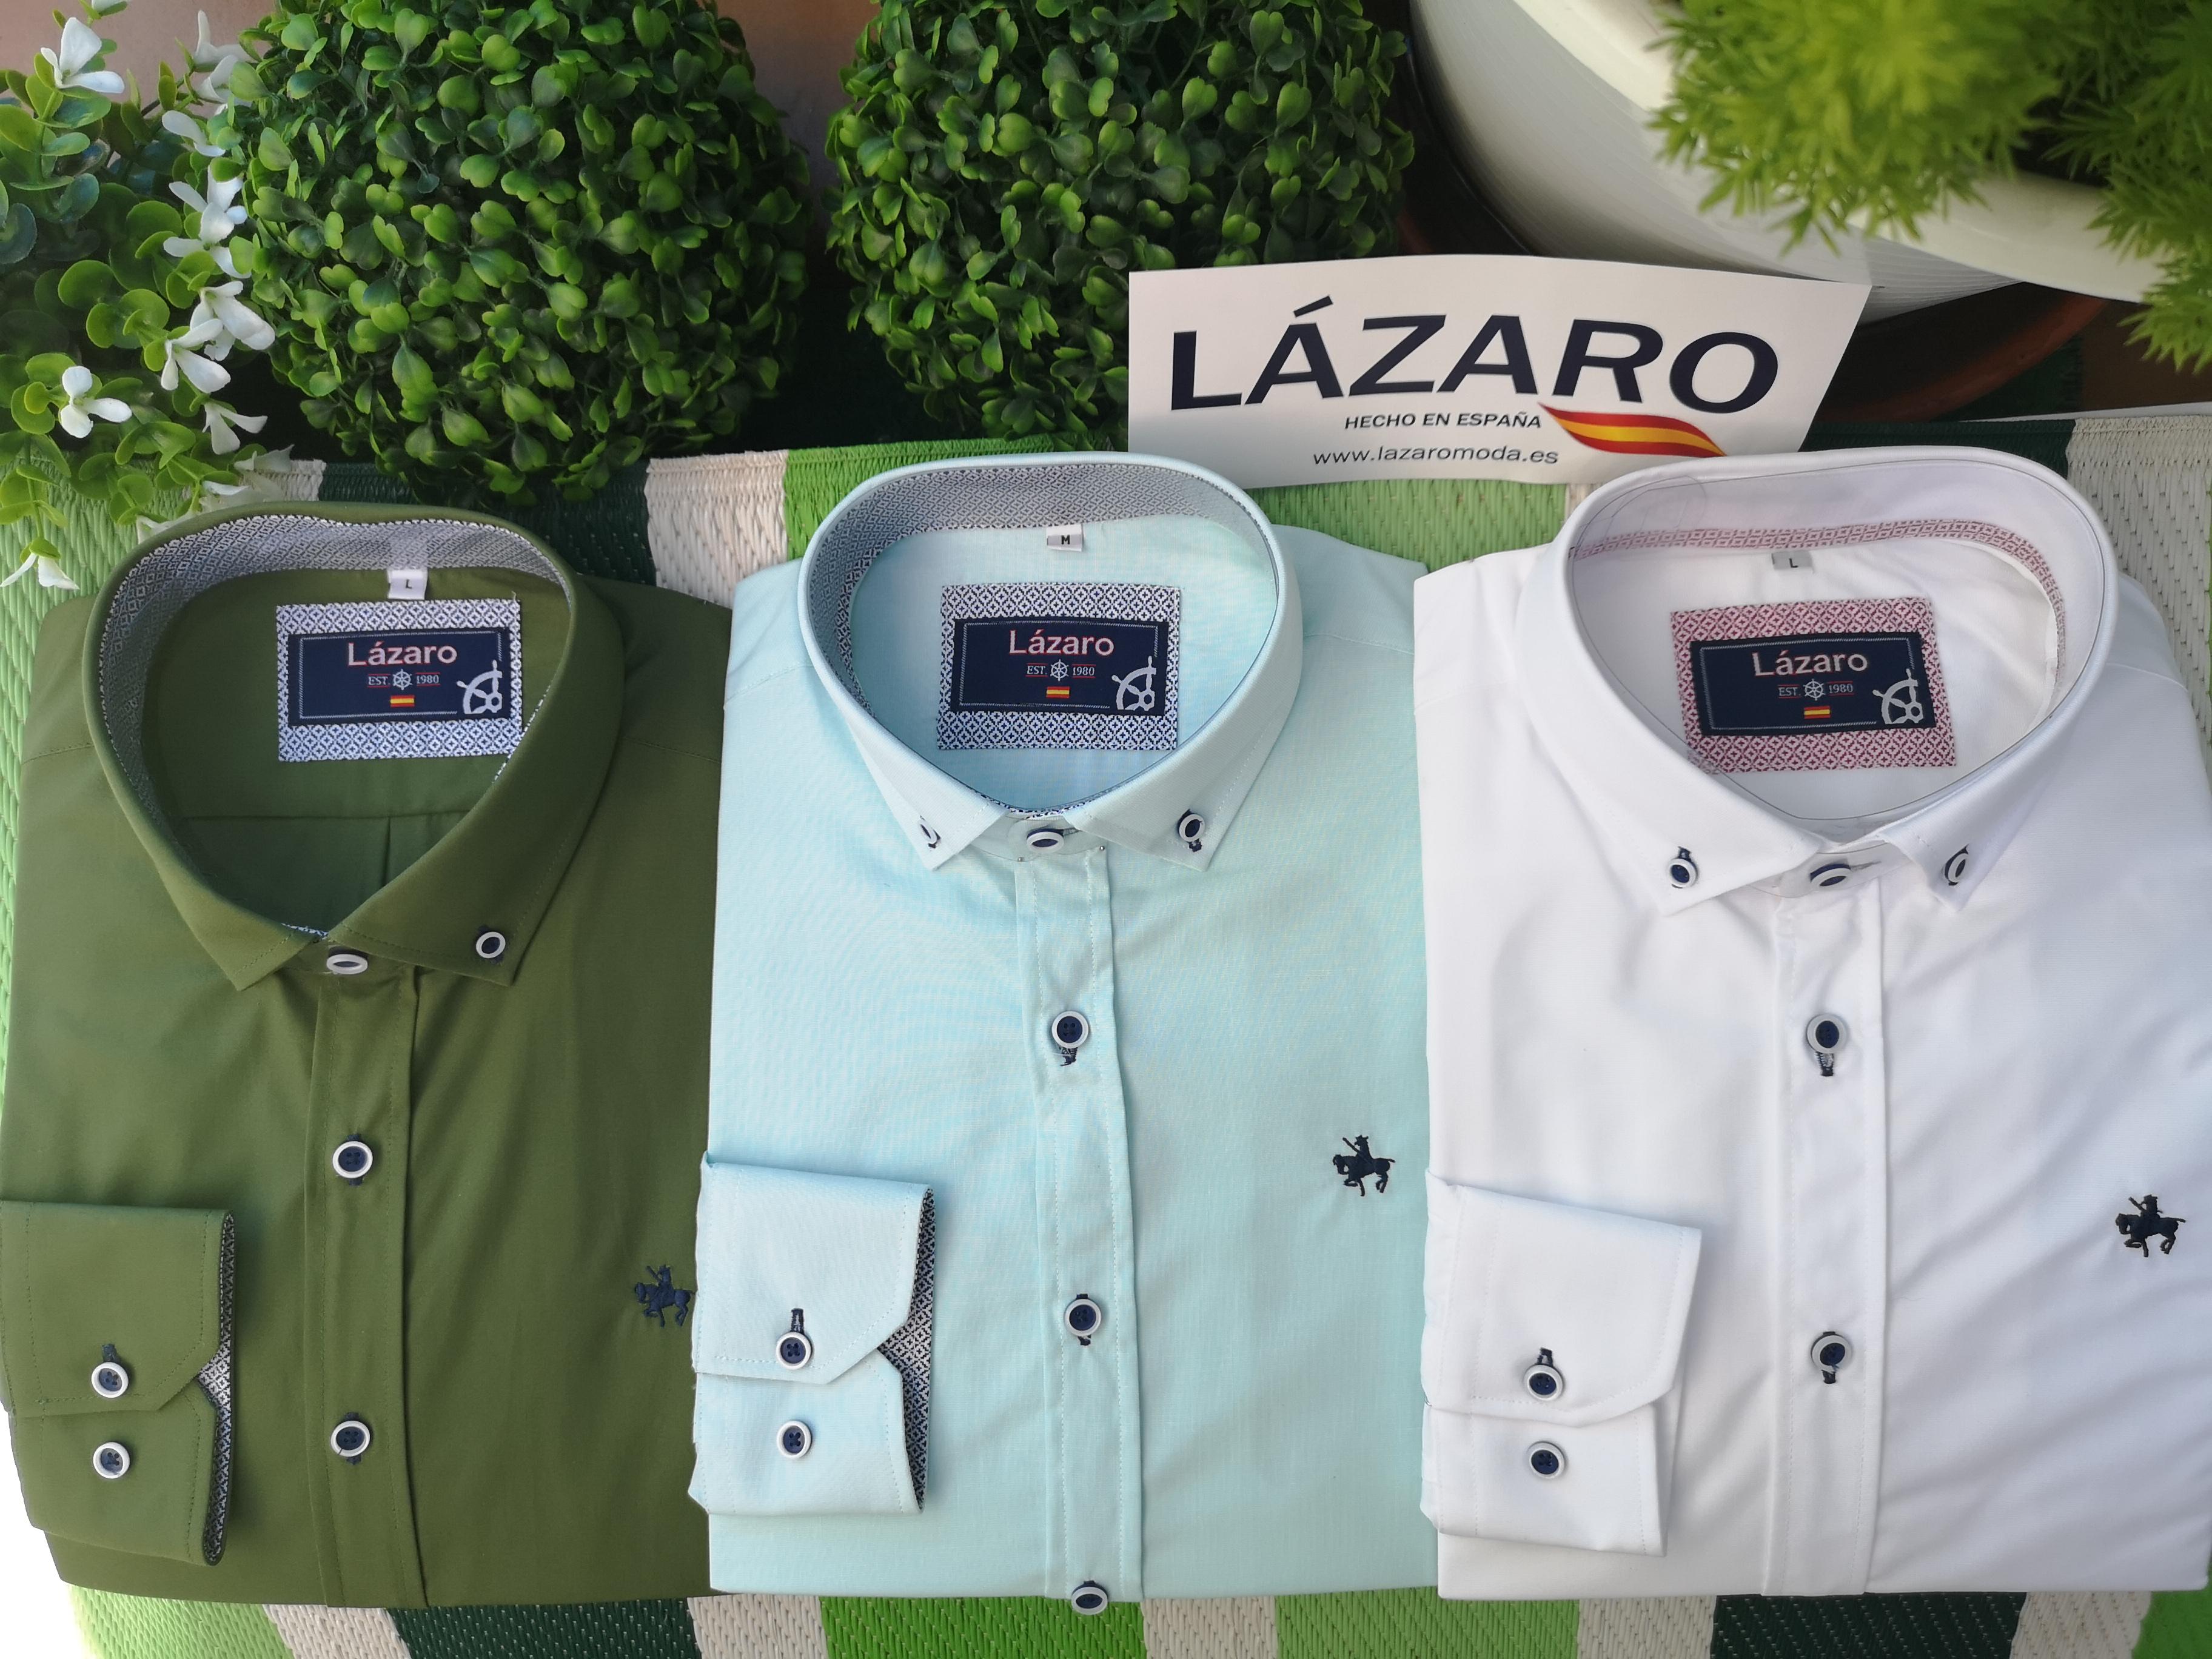 Oferta Lázaro, Centro Comercial La Verónica